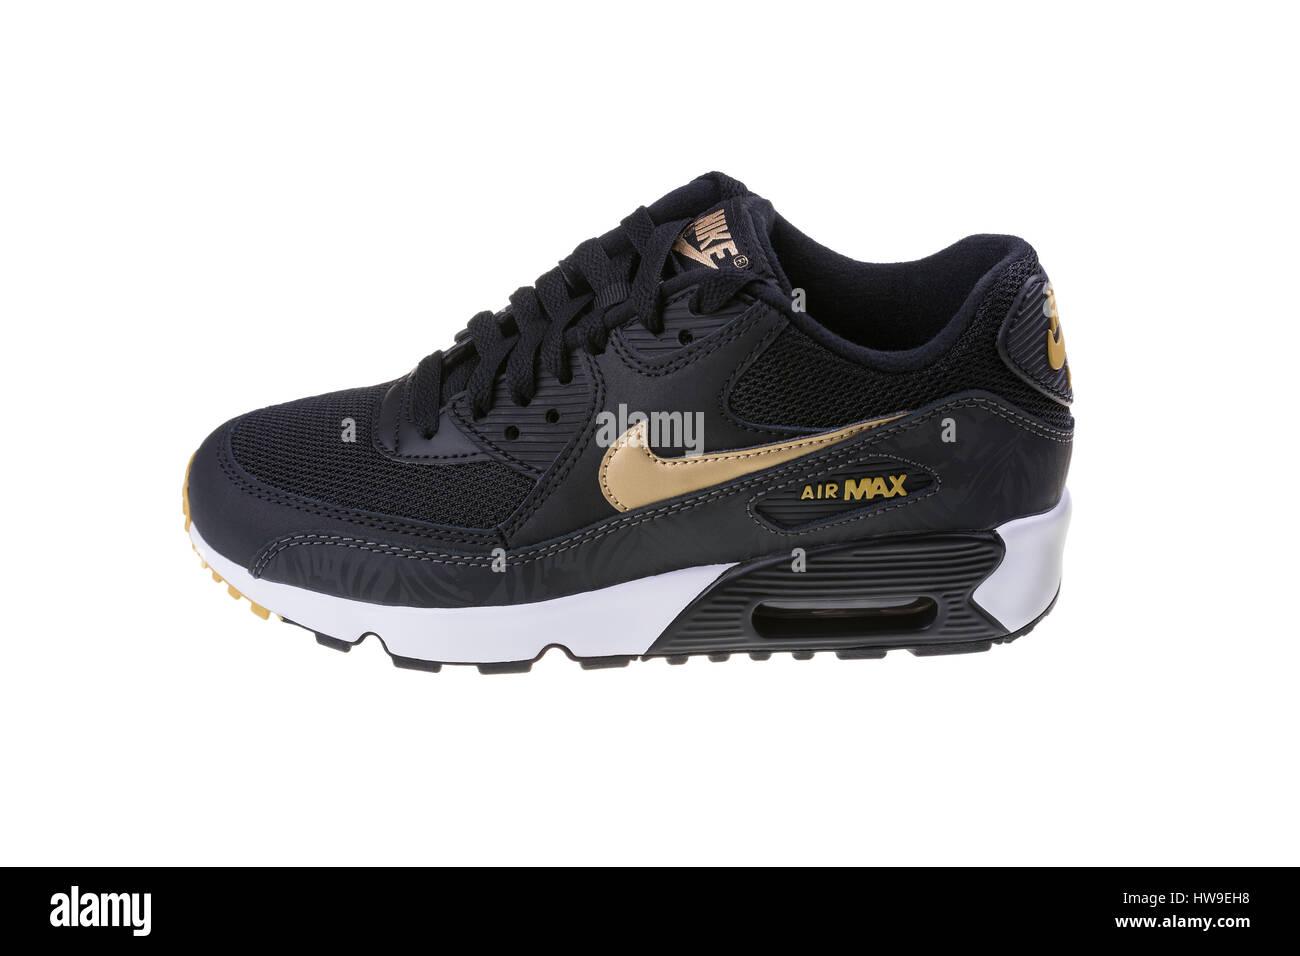 BURGAS, BULGARIE - 29 décembre 2016 : Nike Air Max chaussures pour femmes -  sneakers